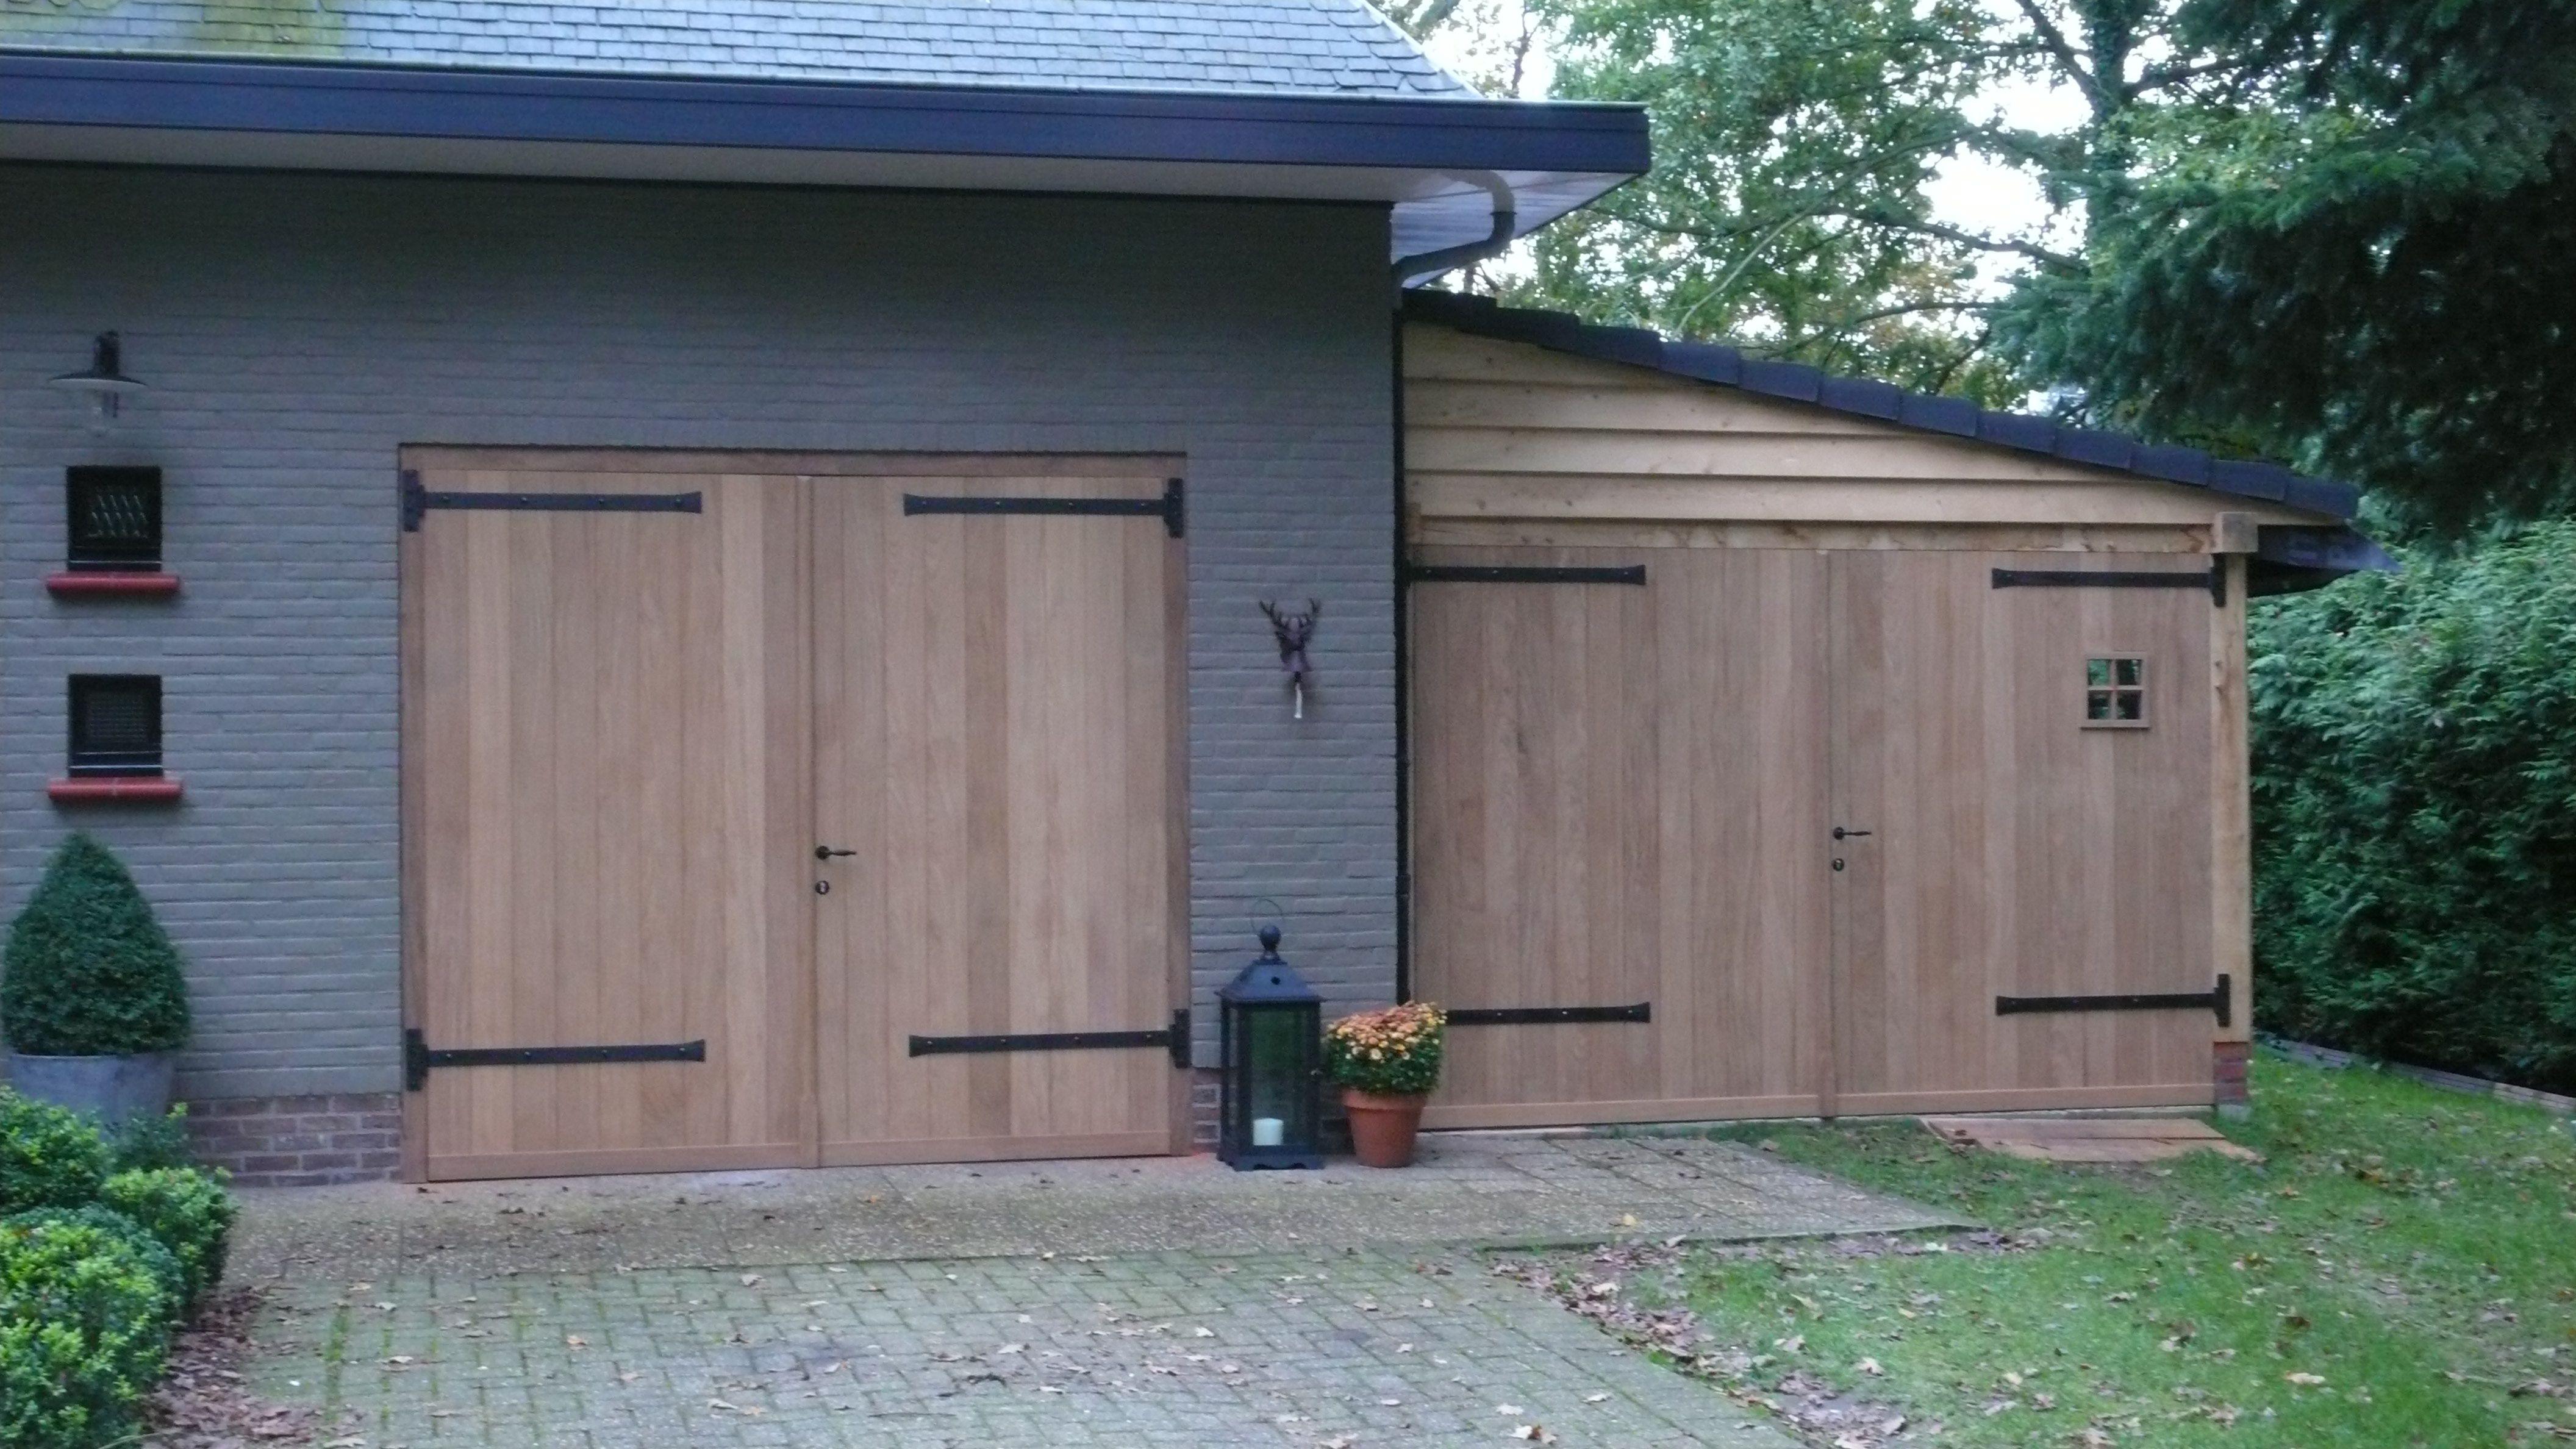 Garage Inrichting Gebruikt : Eiken aanbouw met lessenaarsdak deze ruimte wordt gebruikt als